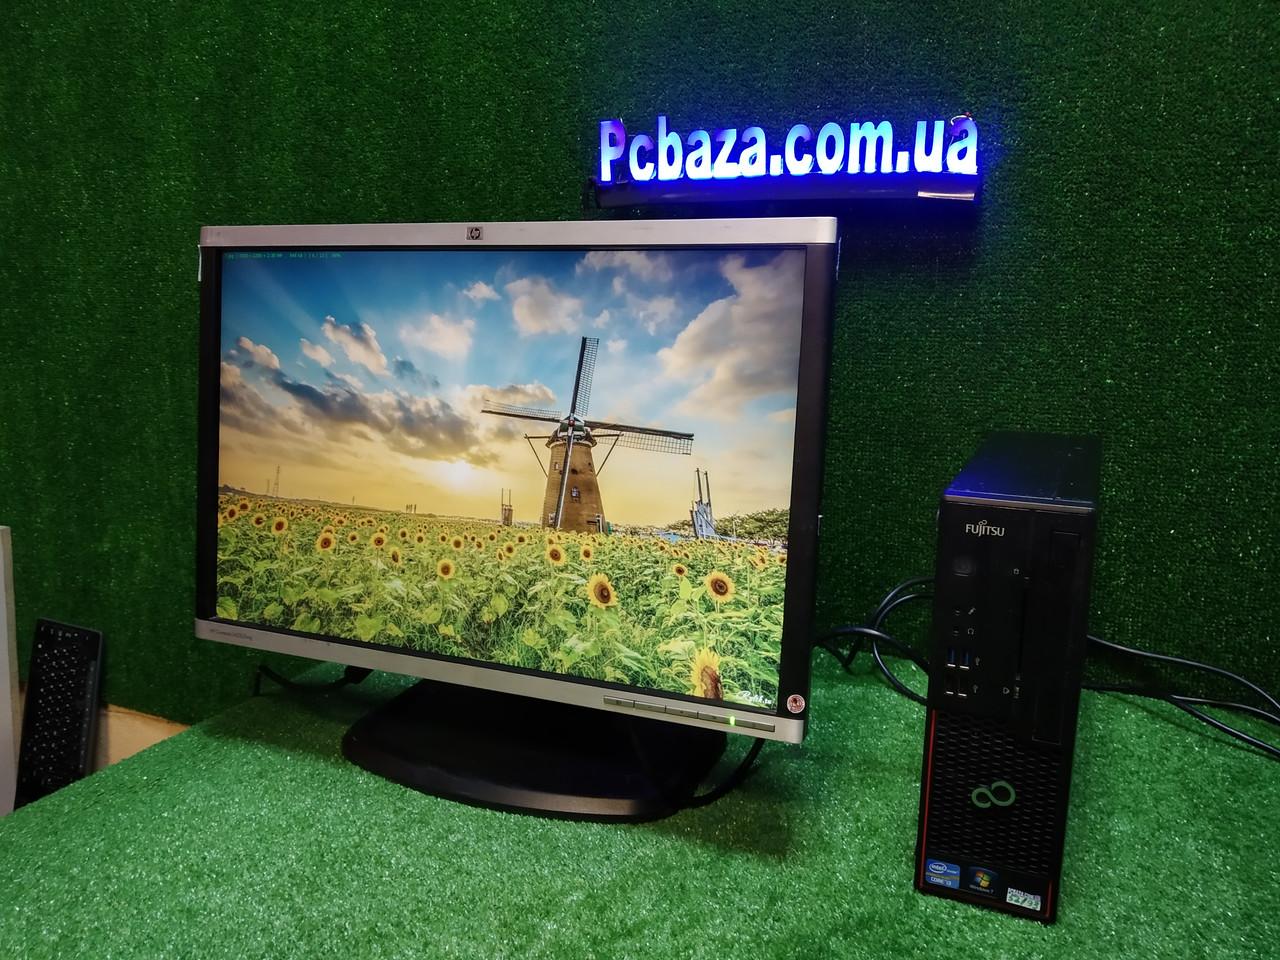 """ПК + монитор 22"""", i3-3220 3.3, 4 ГБ, 500 Гб, 2xCOM, 10 USB, USB 3.0 Настроен. Германия!"""